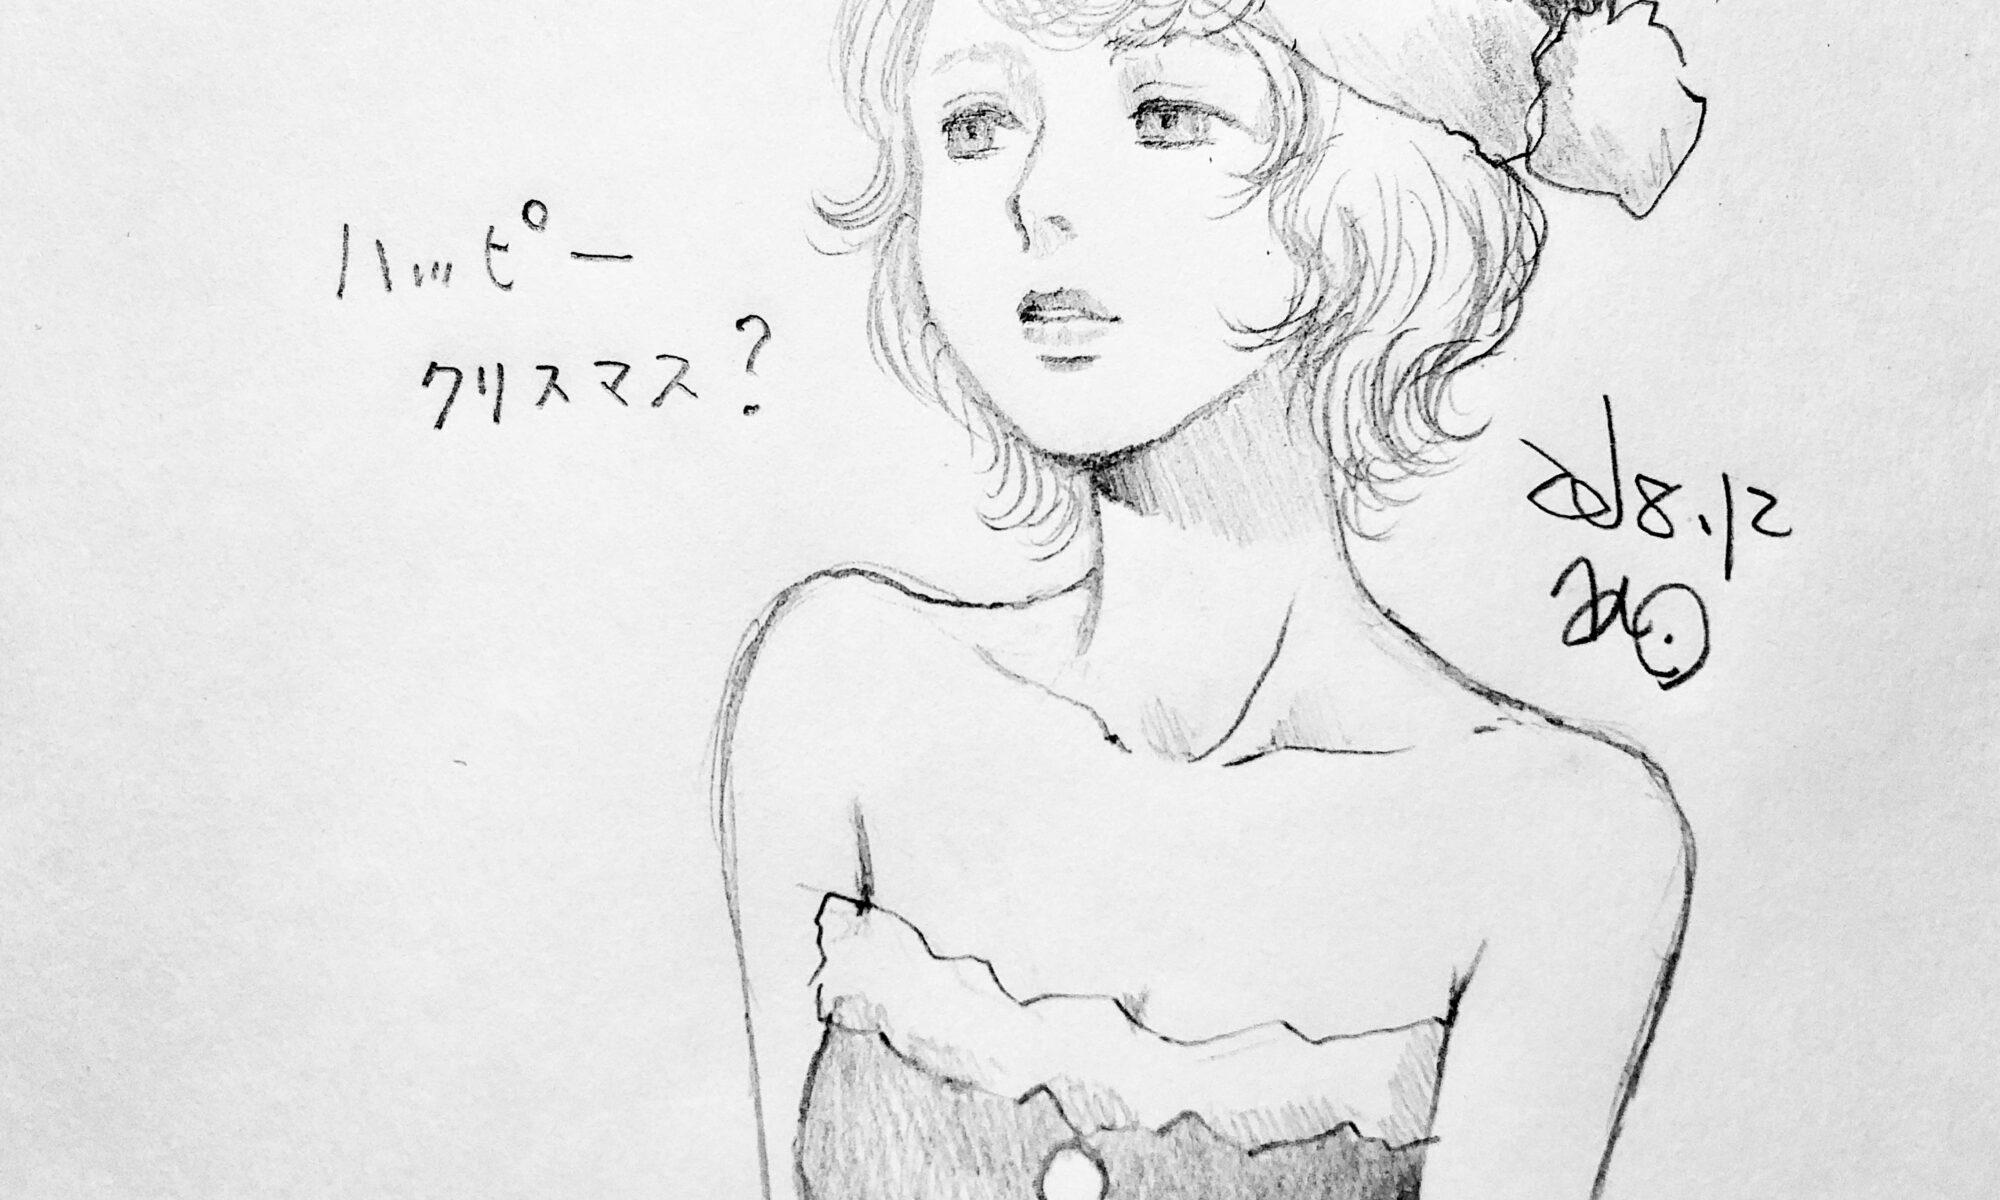 イラスト 女の子イラスト 鉛筆画 ラフスケッチ 習作 美術 絵